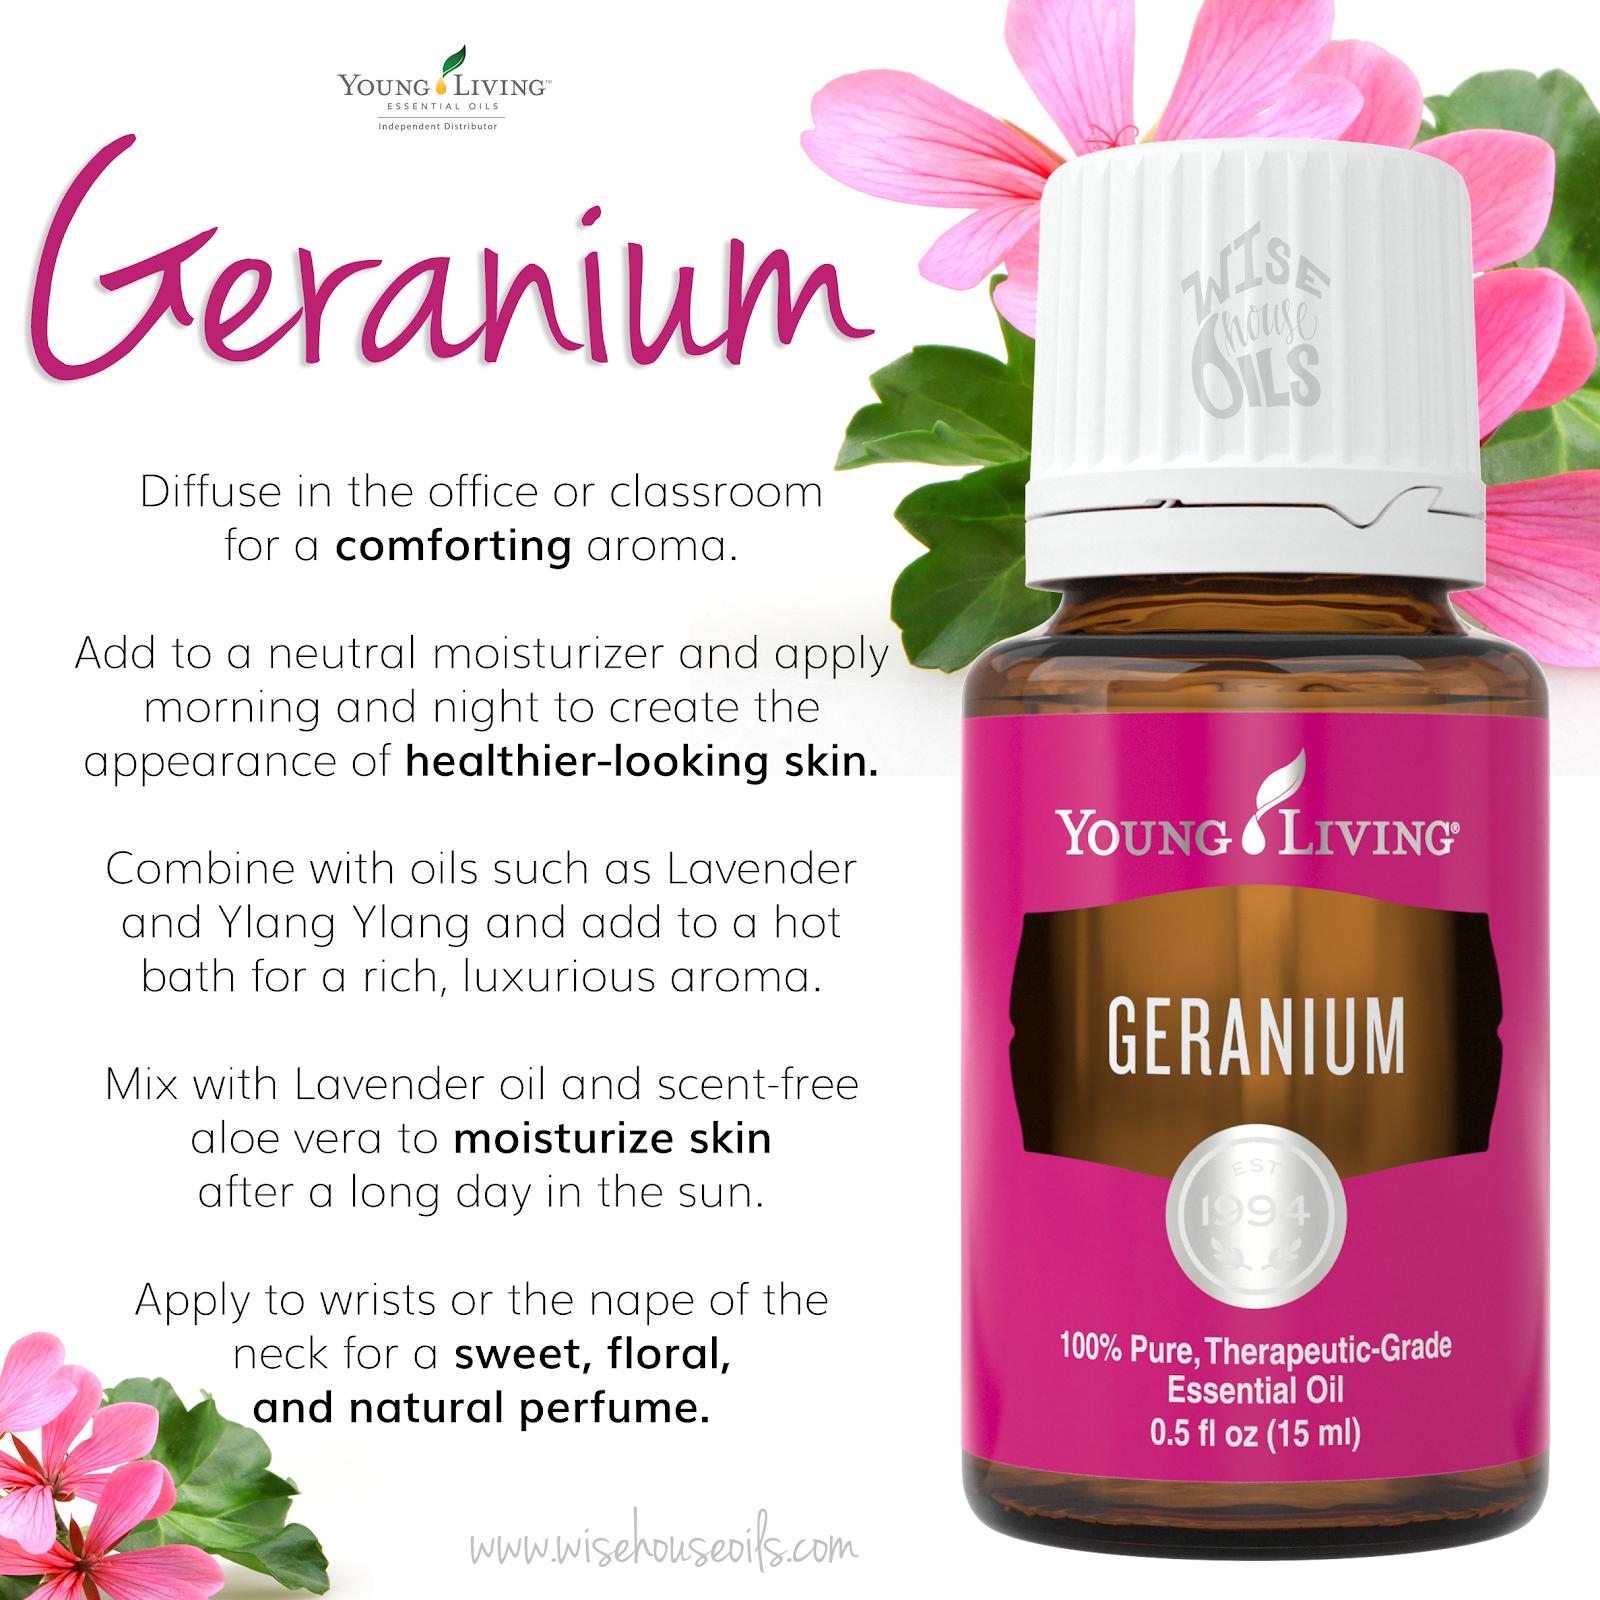 [Geranium-WHO3]